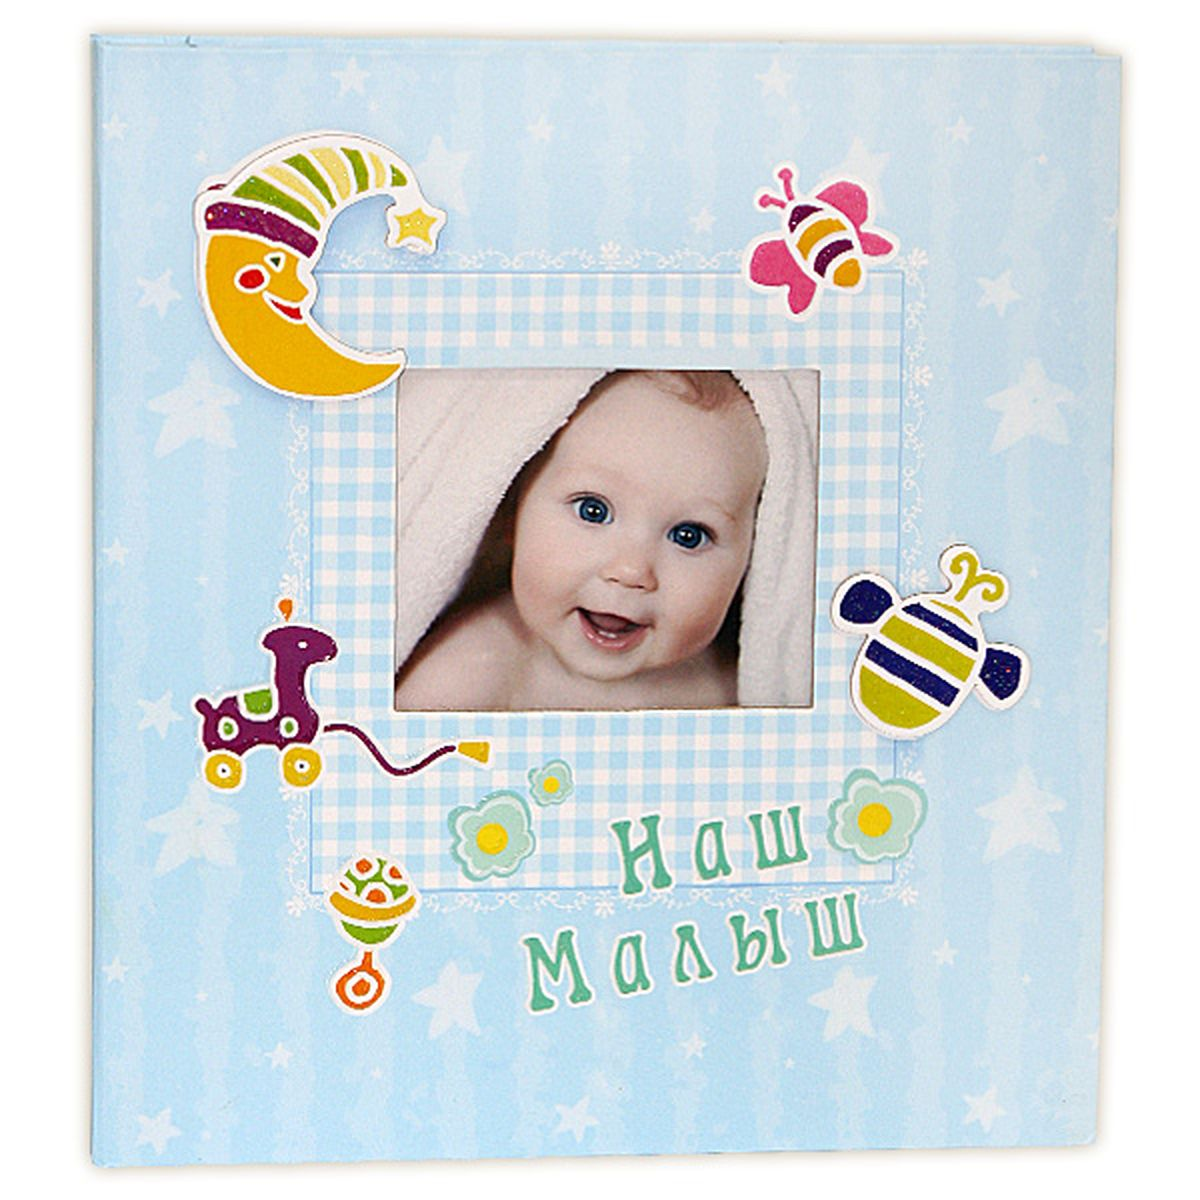 """Фотокнига """"Pioneer"""" позволит вам запечатлеть моменты жизни вашего ребенка. Изделие выполнено из картона и плотной бумаги,  может быть использовано для создания памятного альбома в технике скрапбукинг. В книге находится 8 страниц-анкет для заполнения, 24  магнитные страницы и рамка  для фото. Тип скрепления: спираль. Формат фотографий: 26 х 28 см. Материал страниц: бумага. Тип страниц: магнитный."""